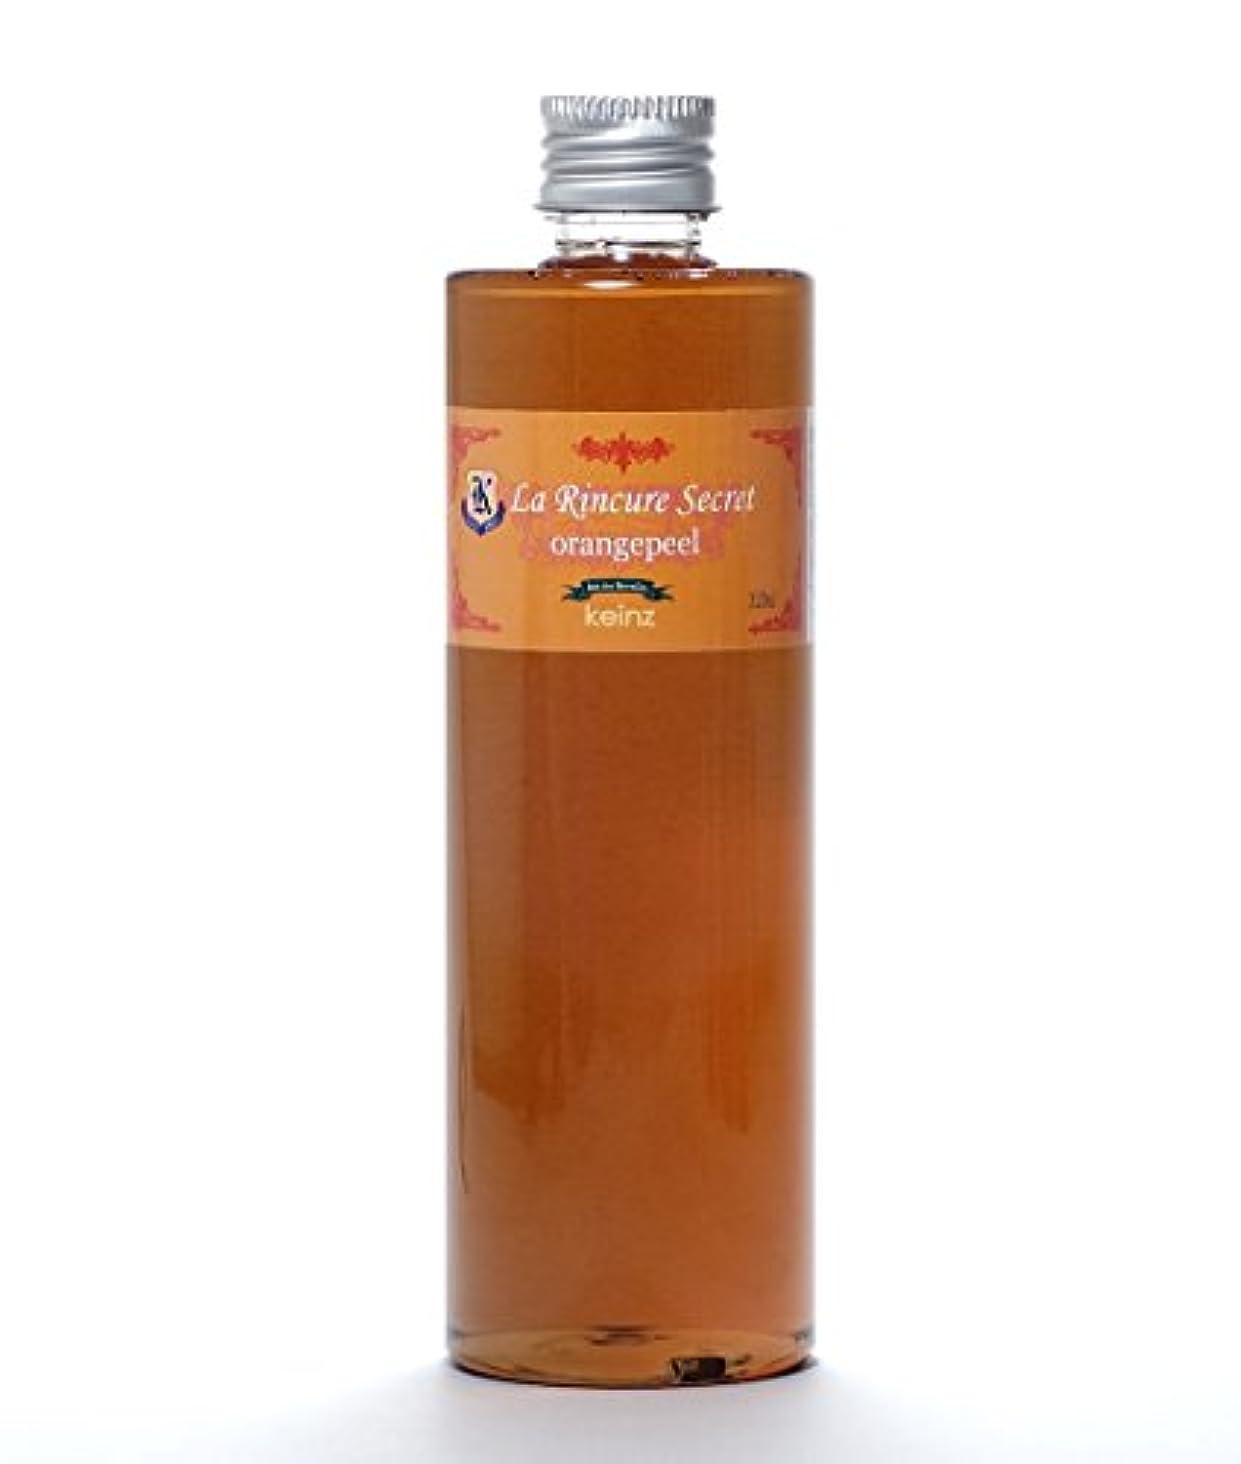 雹宮殿ペンフレンドkeinz 石鹸シャンプー専用(合成シャンプーには使えません) オレンジの果皮(カリフォルニア産)で作った気持ちの良いハーブトリートメント 『秘密のすすぎ水/オレンジピール』【送料無料】完全無添加 化学薬品不使用 420g(約130回分/320ml) 弱酸性 敏感肌用 ゼリータイプ オレンジピール?ドライハーブを漬け込んでエキスを抽出